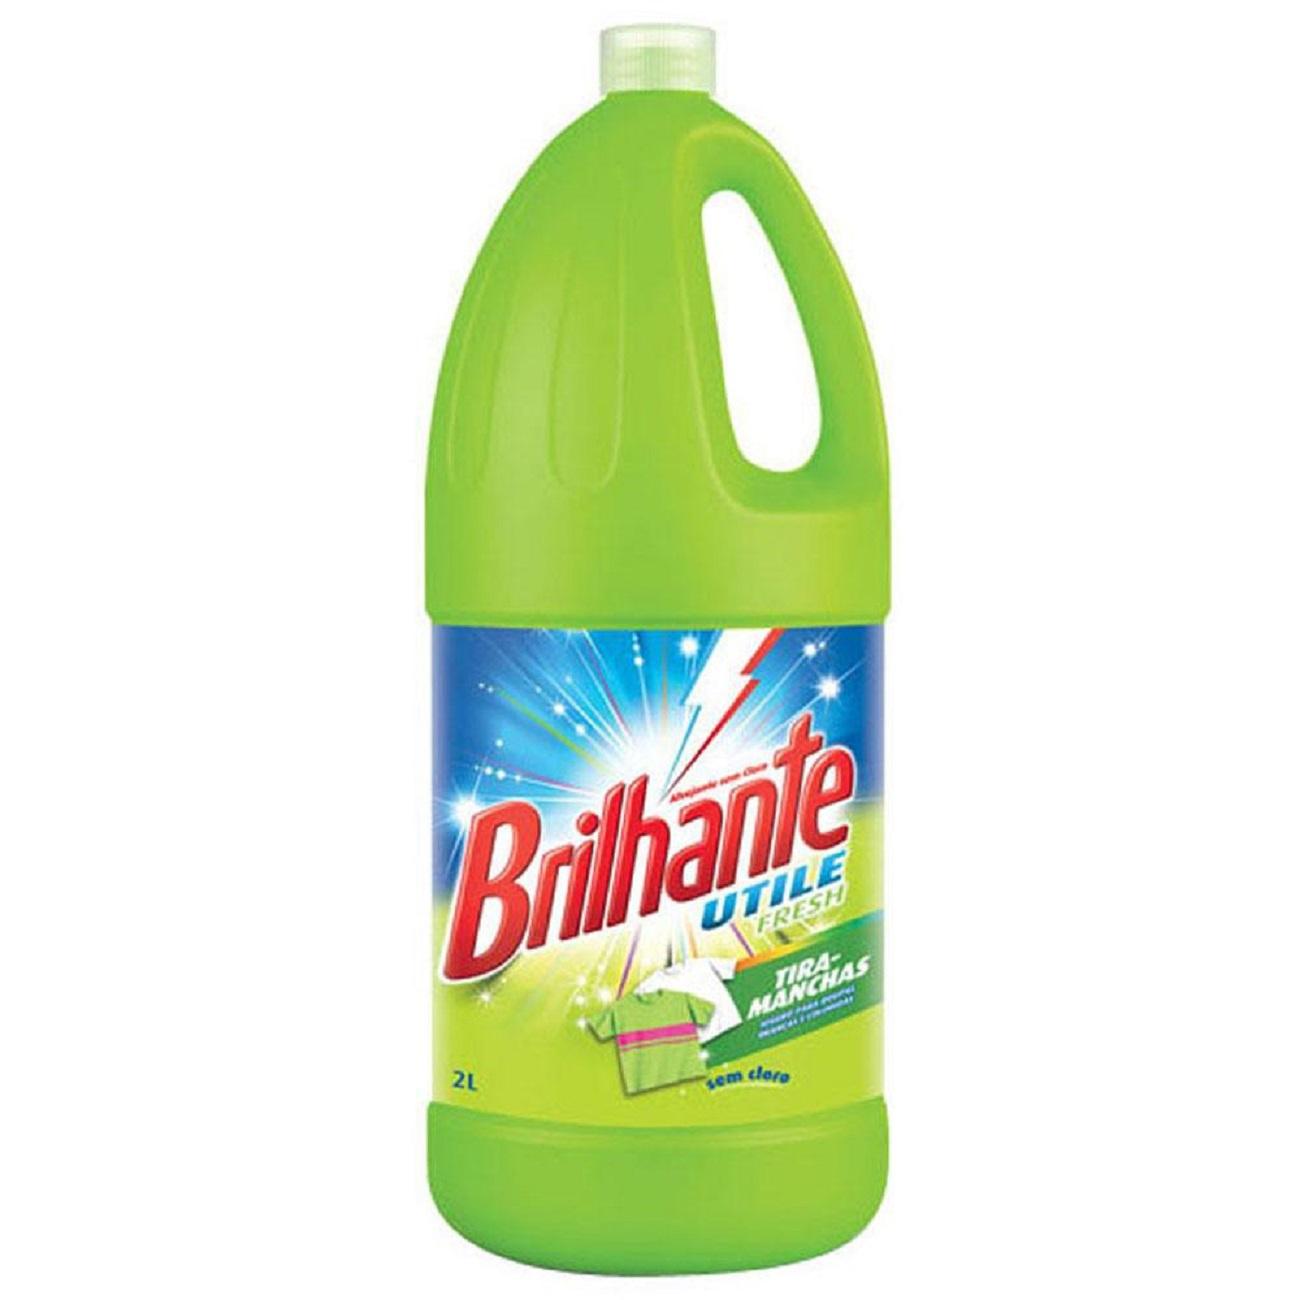 Alvejante Brilhante Utile Antibac Fresh 2L